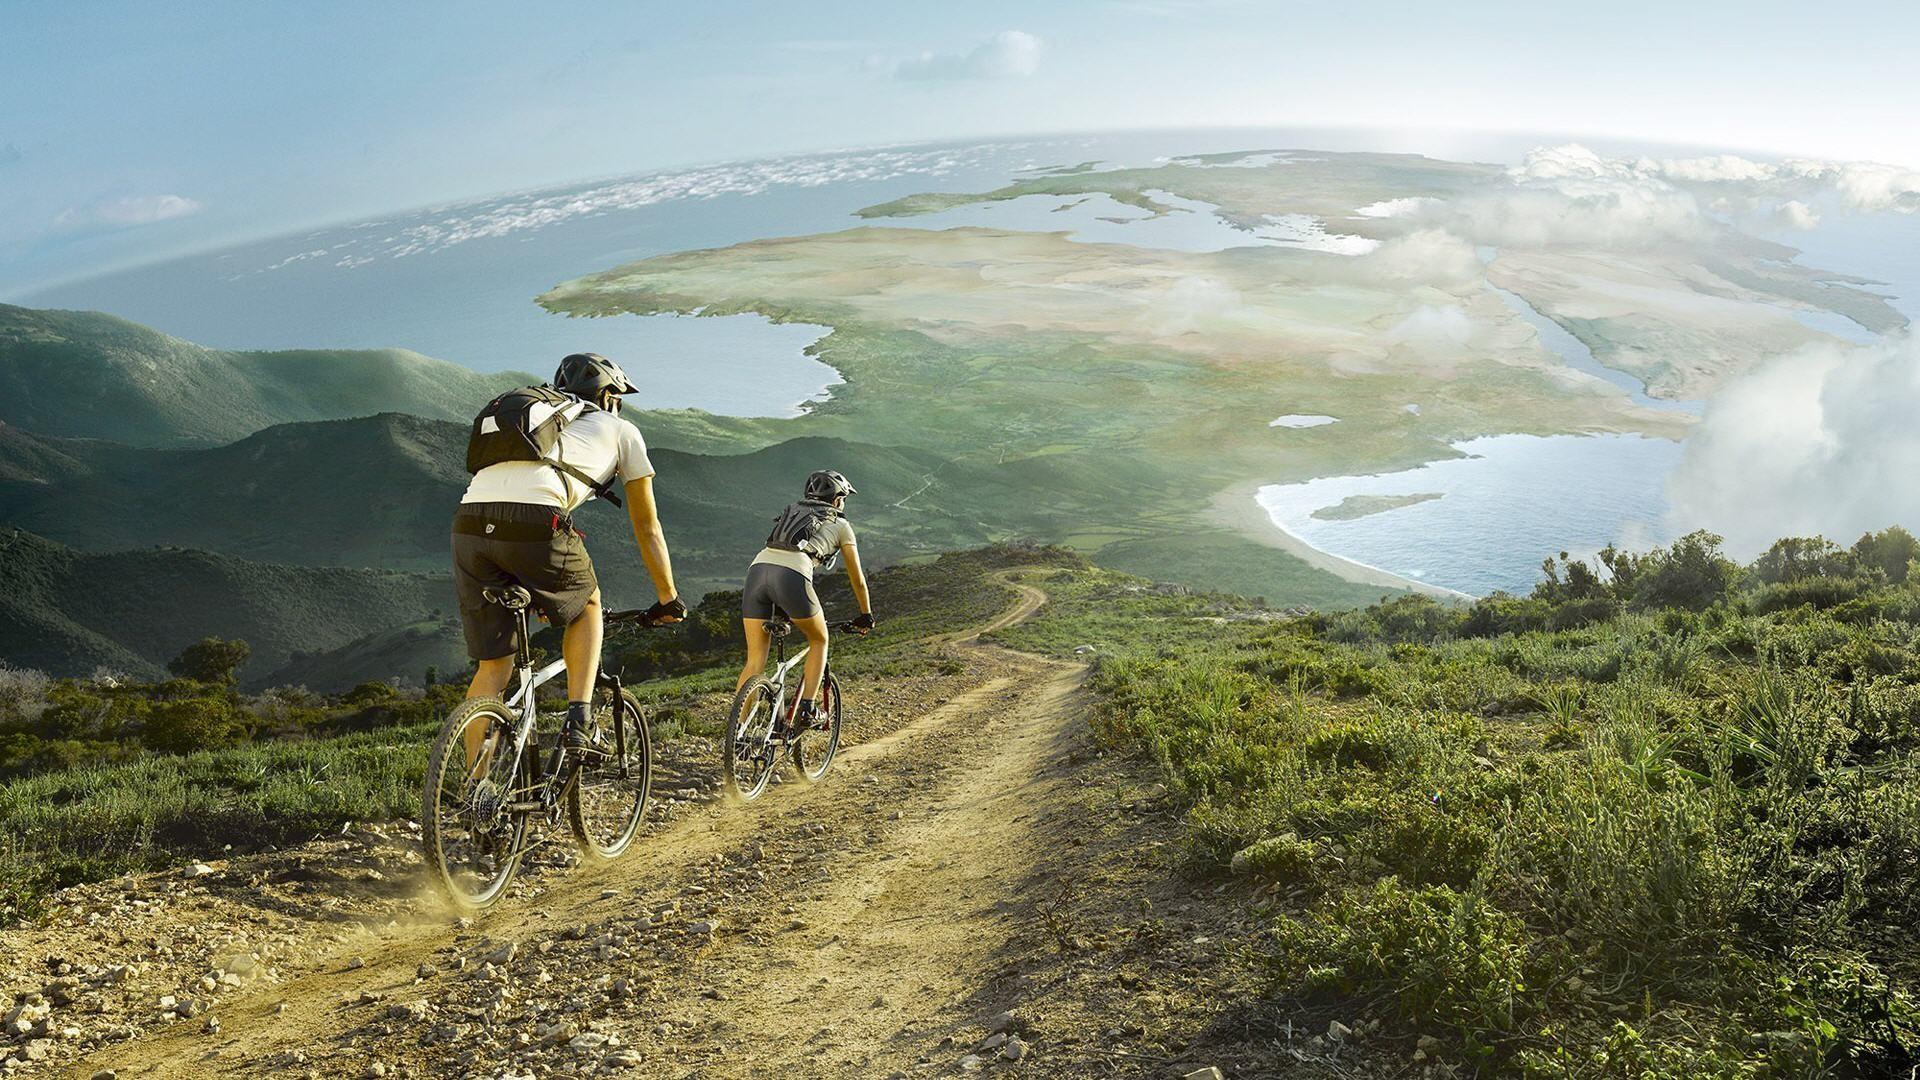 Res: 1920x1080, Home · Sobre nós · Rent-a-Bike · Equipment · Contactos · TREK